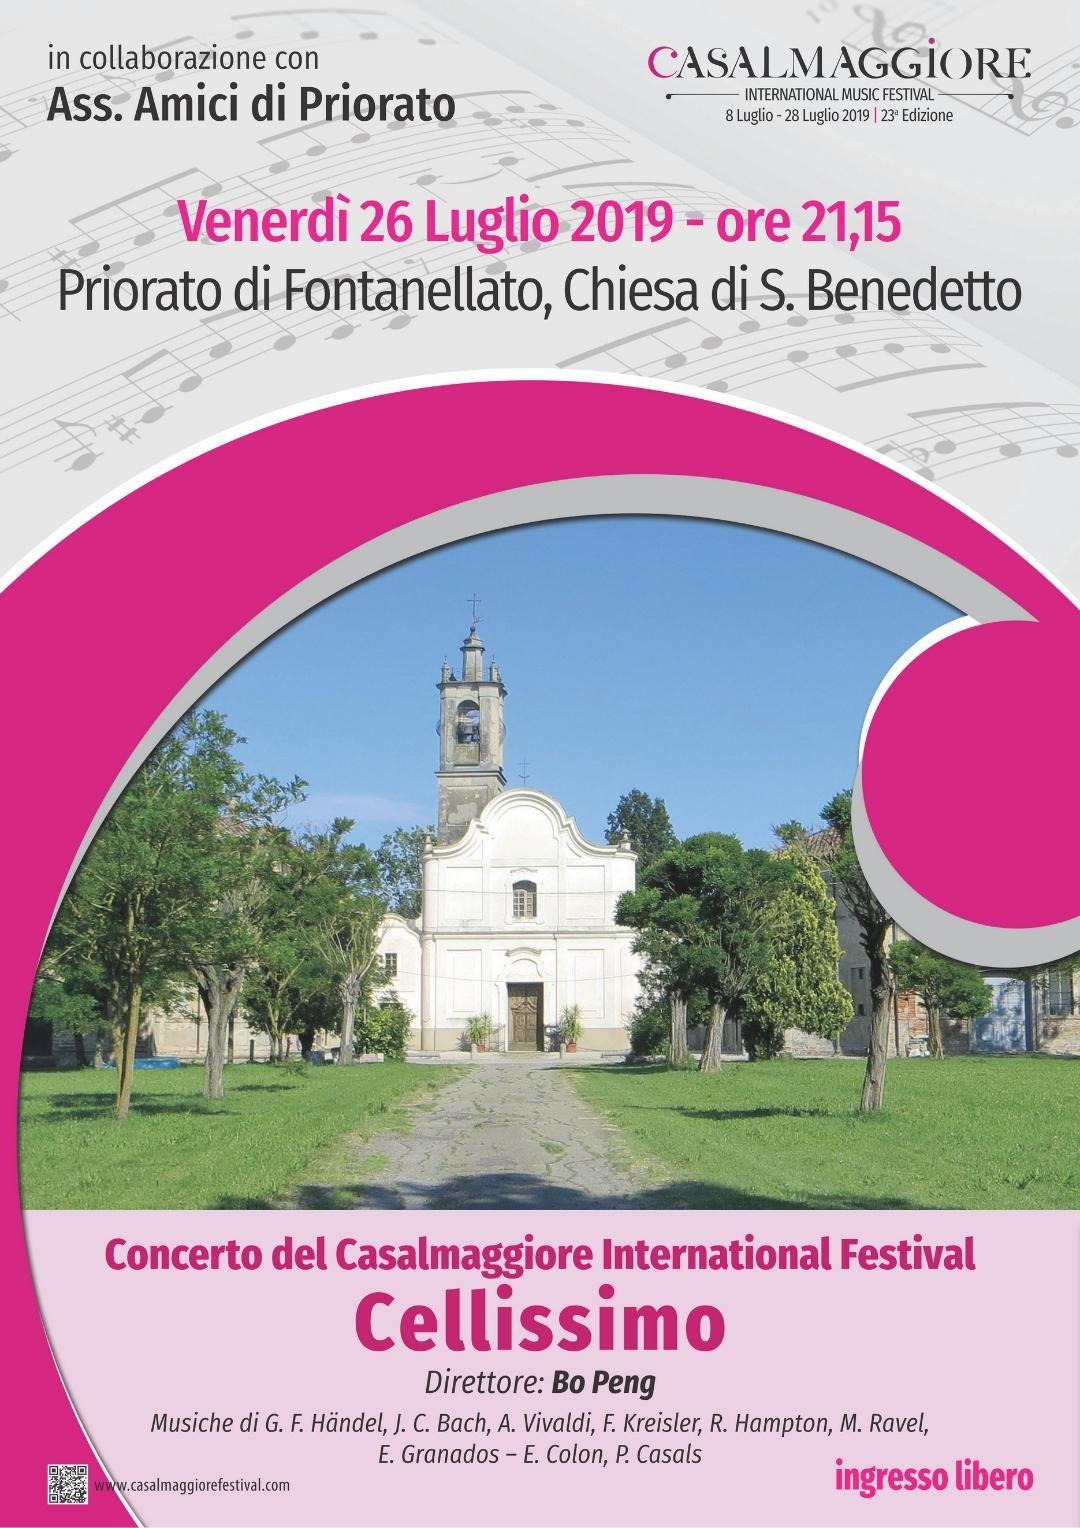 """Concerto del Casalmaggiore International Festival """"CELLISSIMO"""" nella chiesa di SanBenedetto in Priorato"""